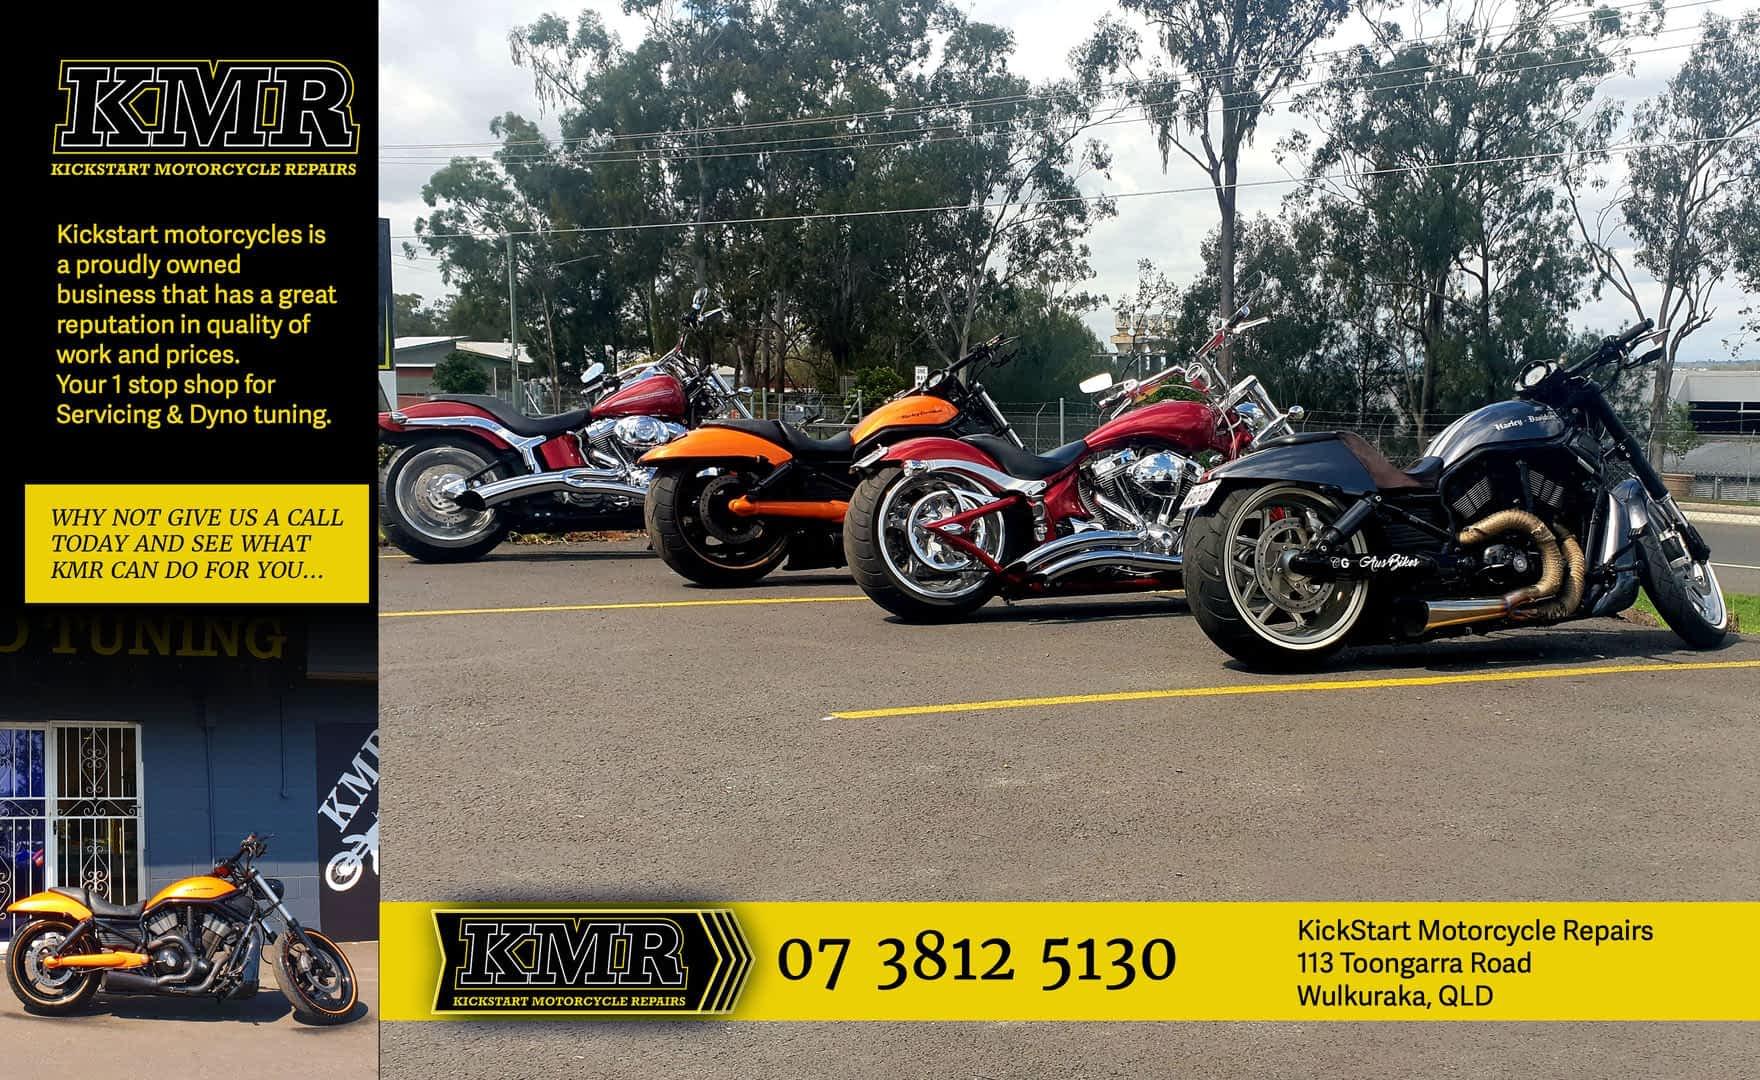 Kickstart Motorcycle